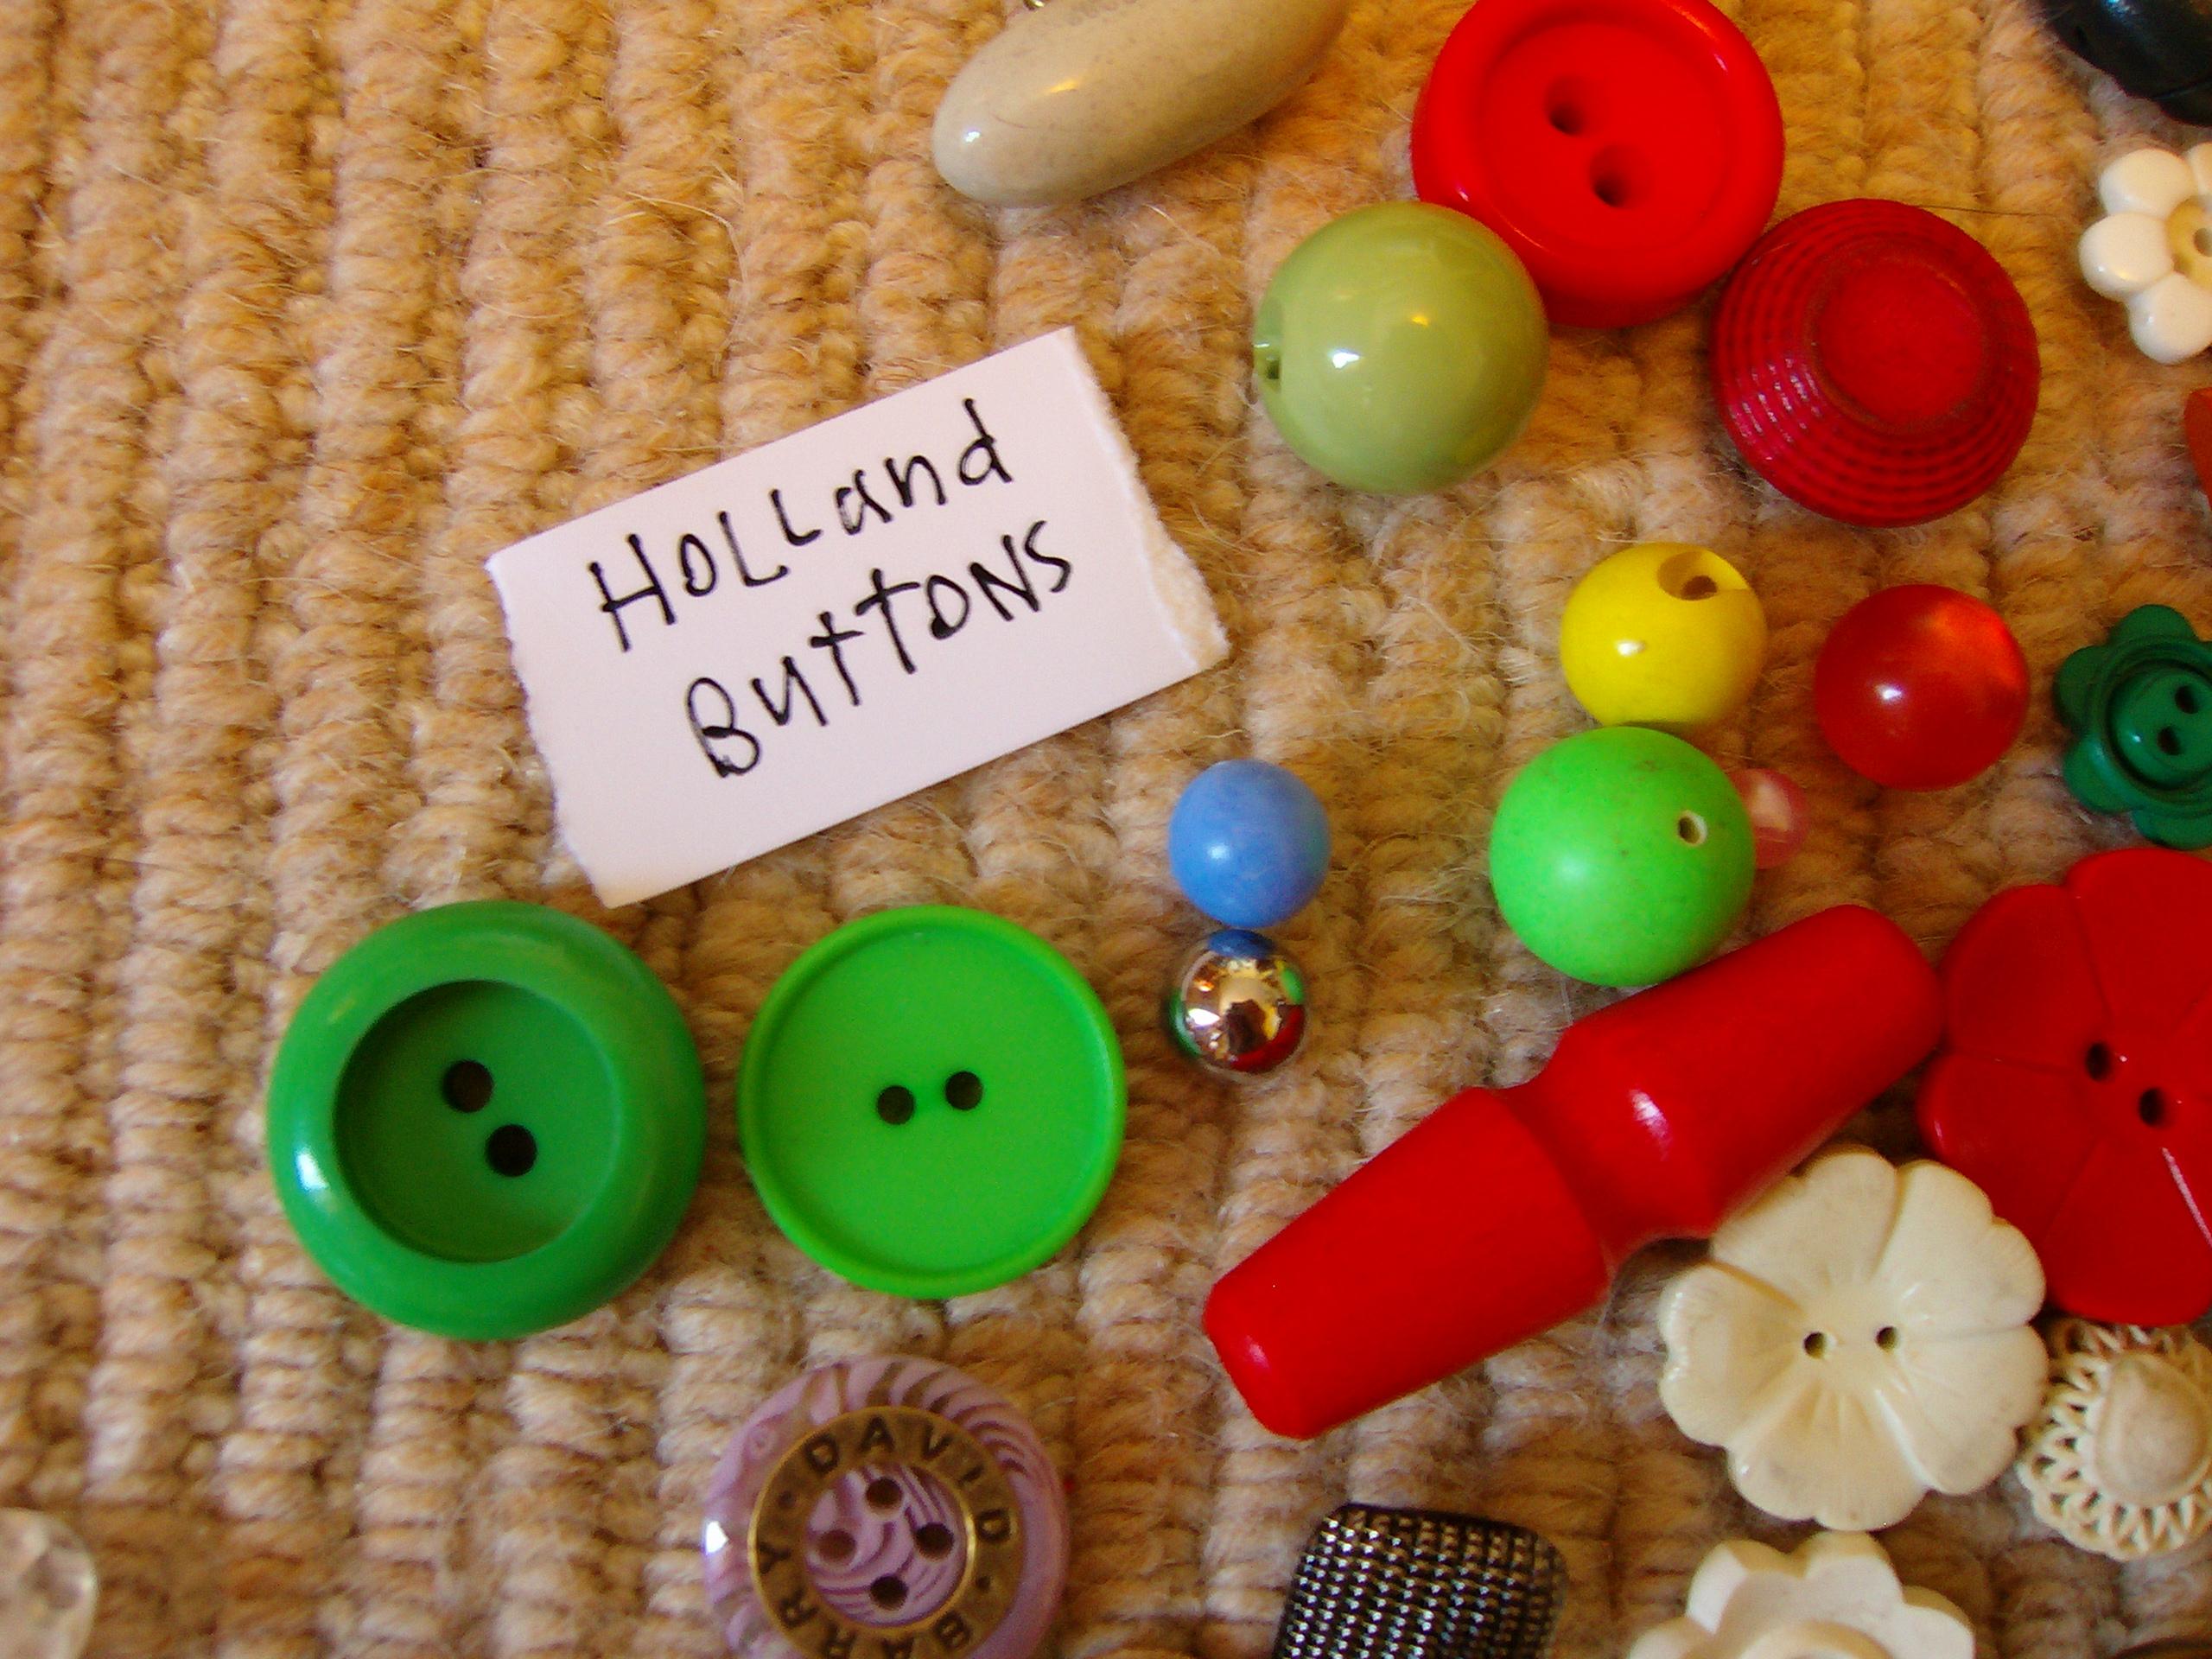 buttons = Holland buttons